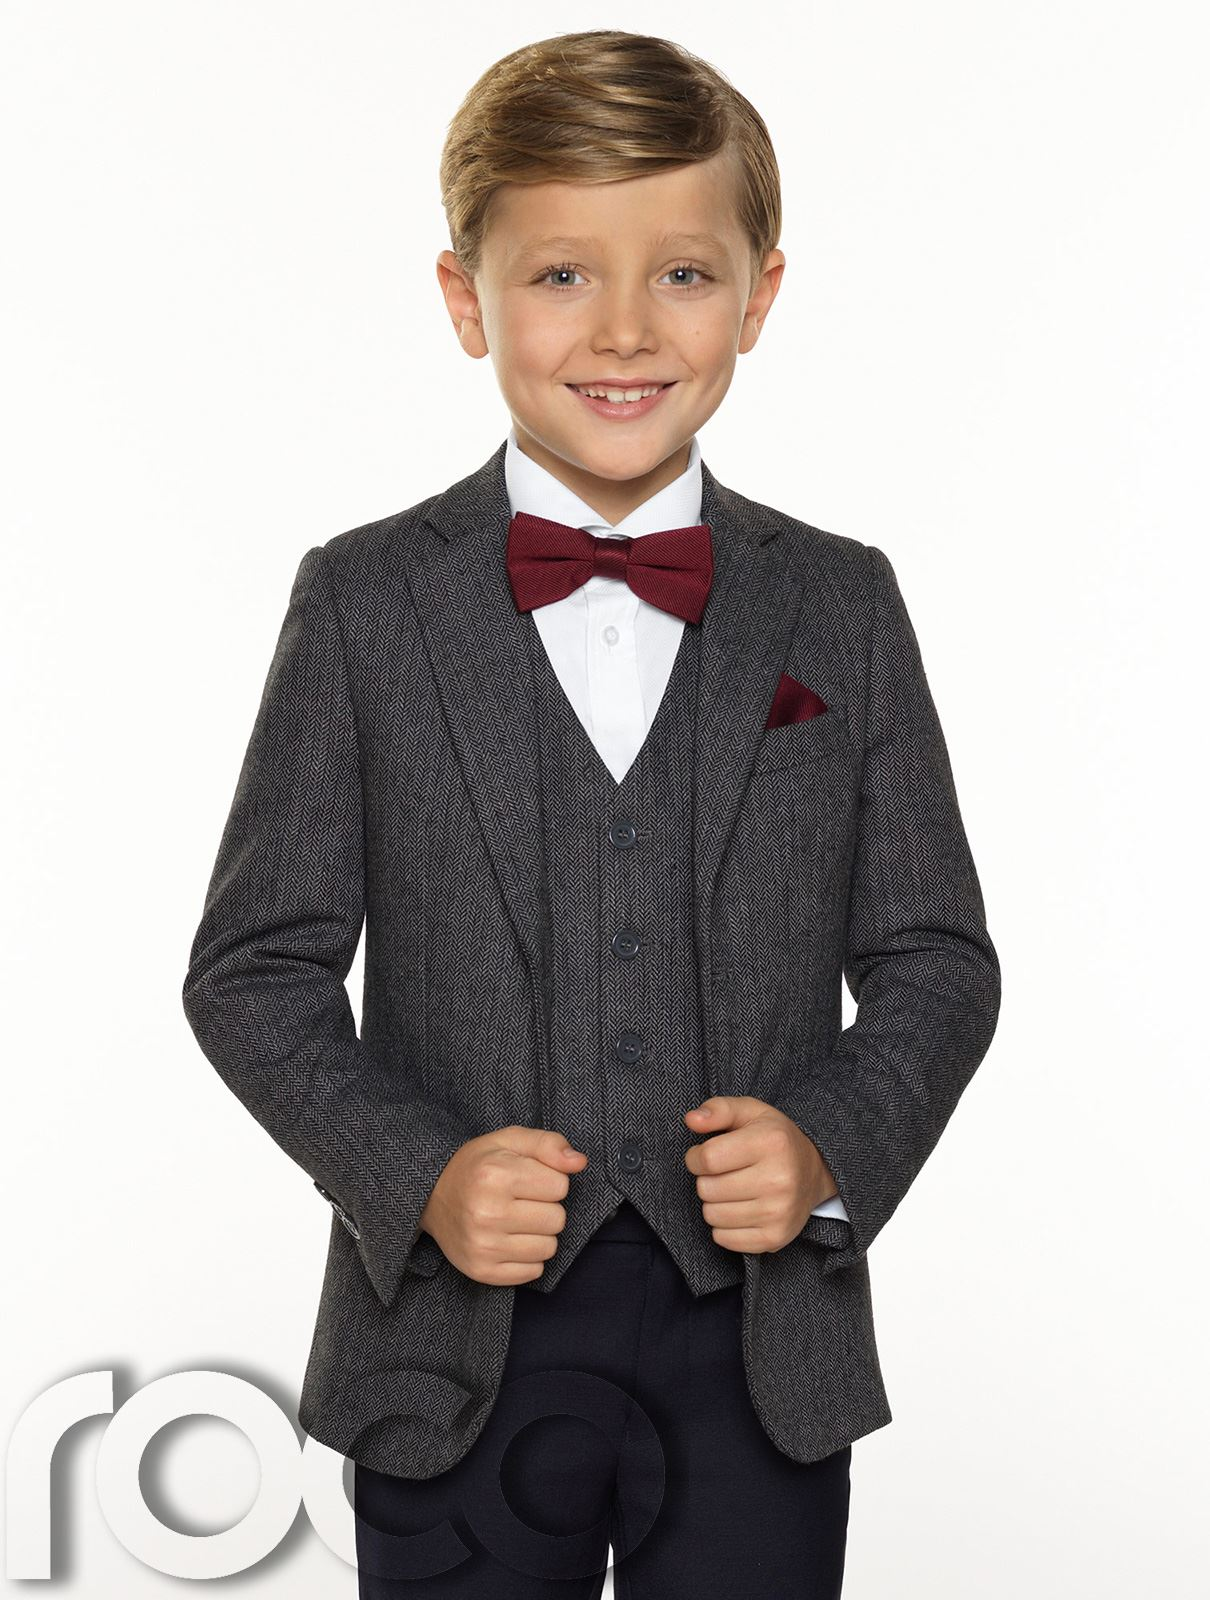 Boys Tweed Waistcoat Boys Grey Tweed Jacket Set Boys Herringbone Jacket